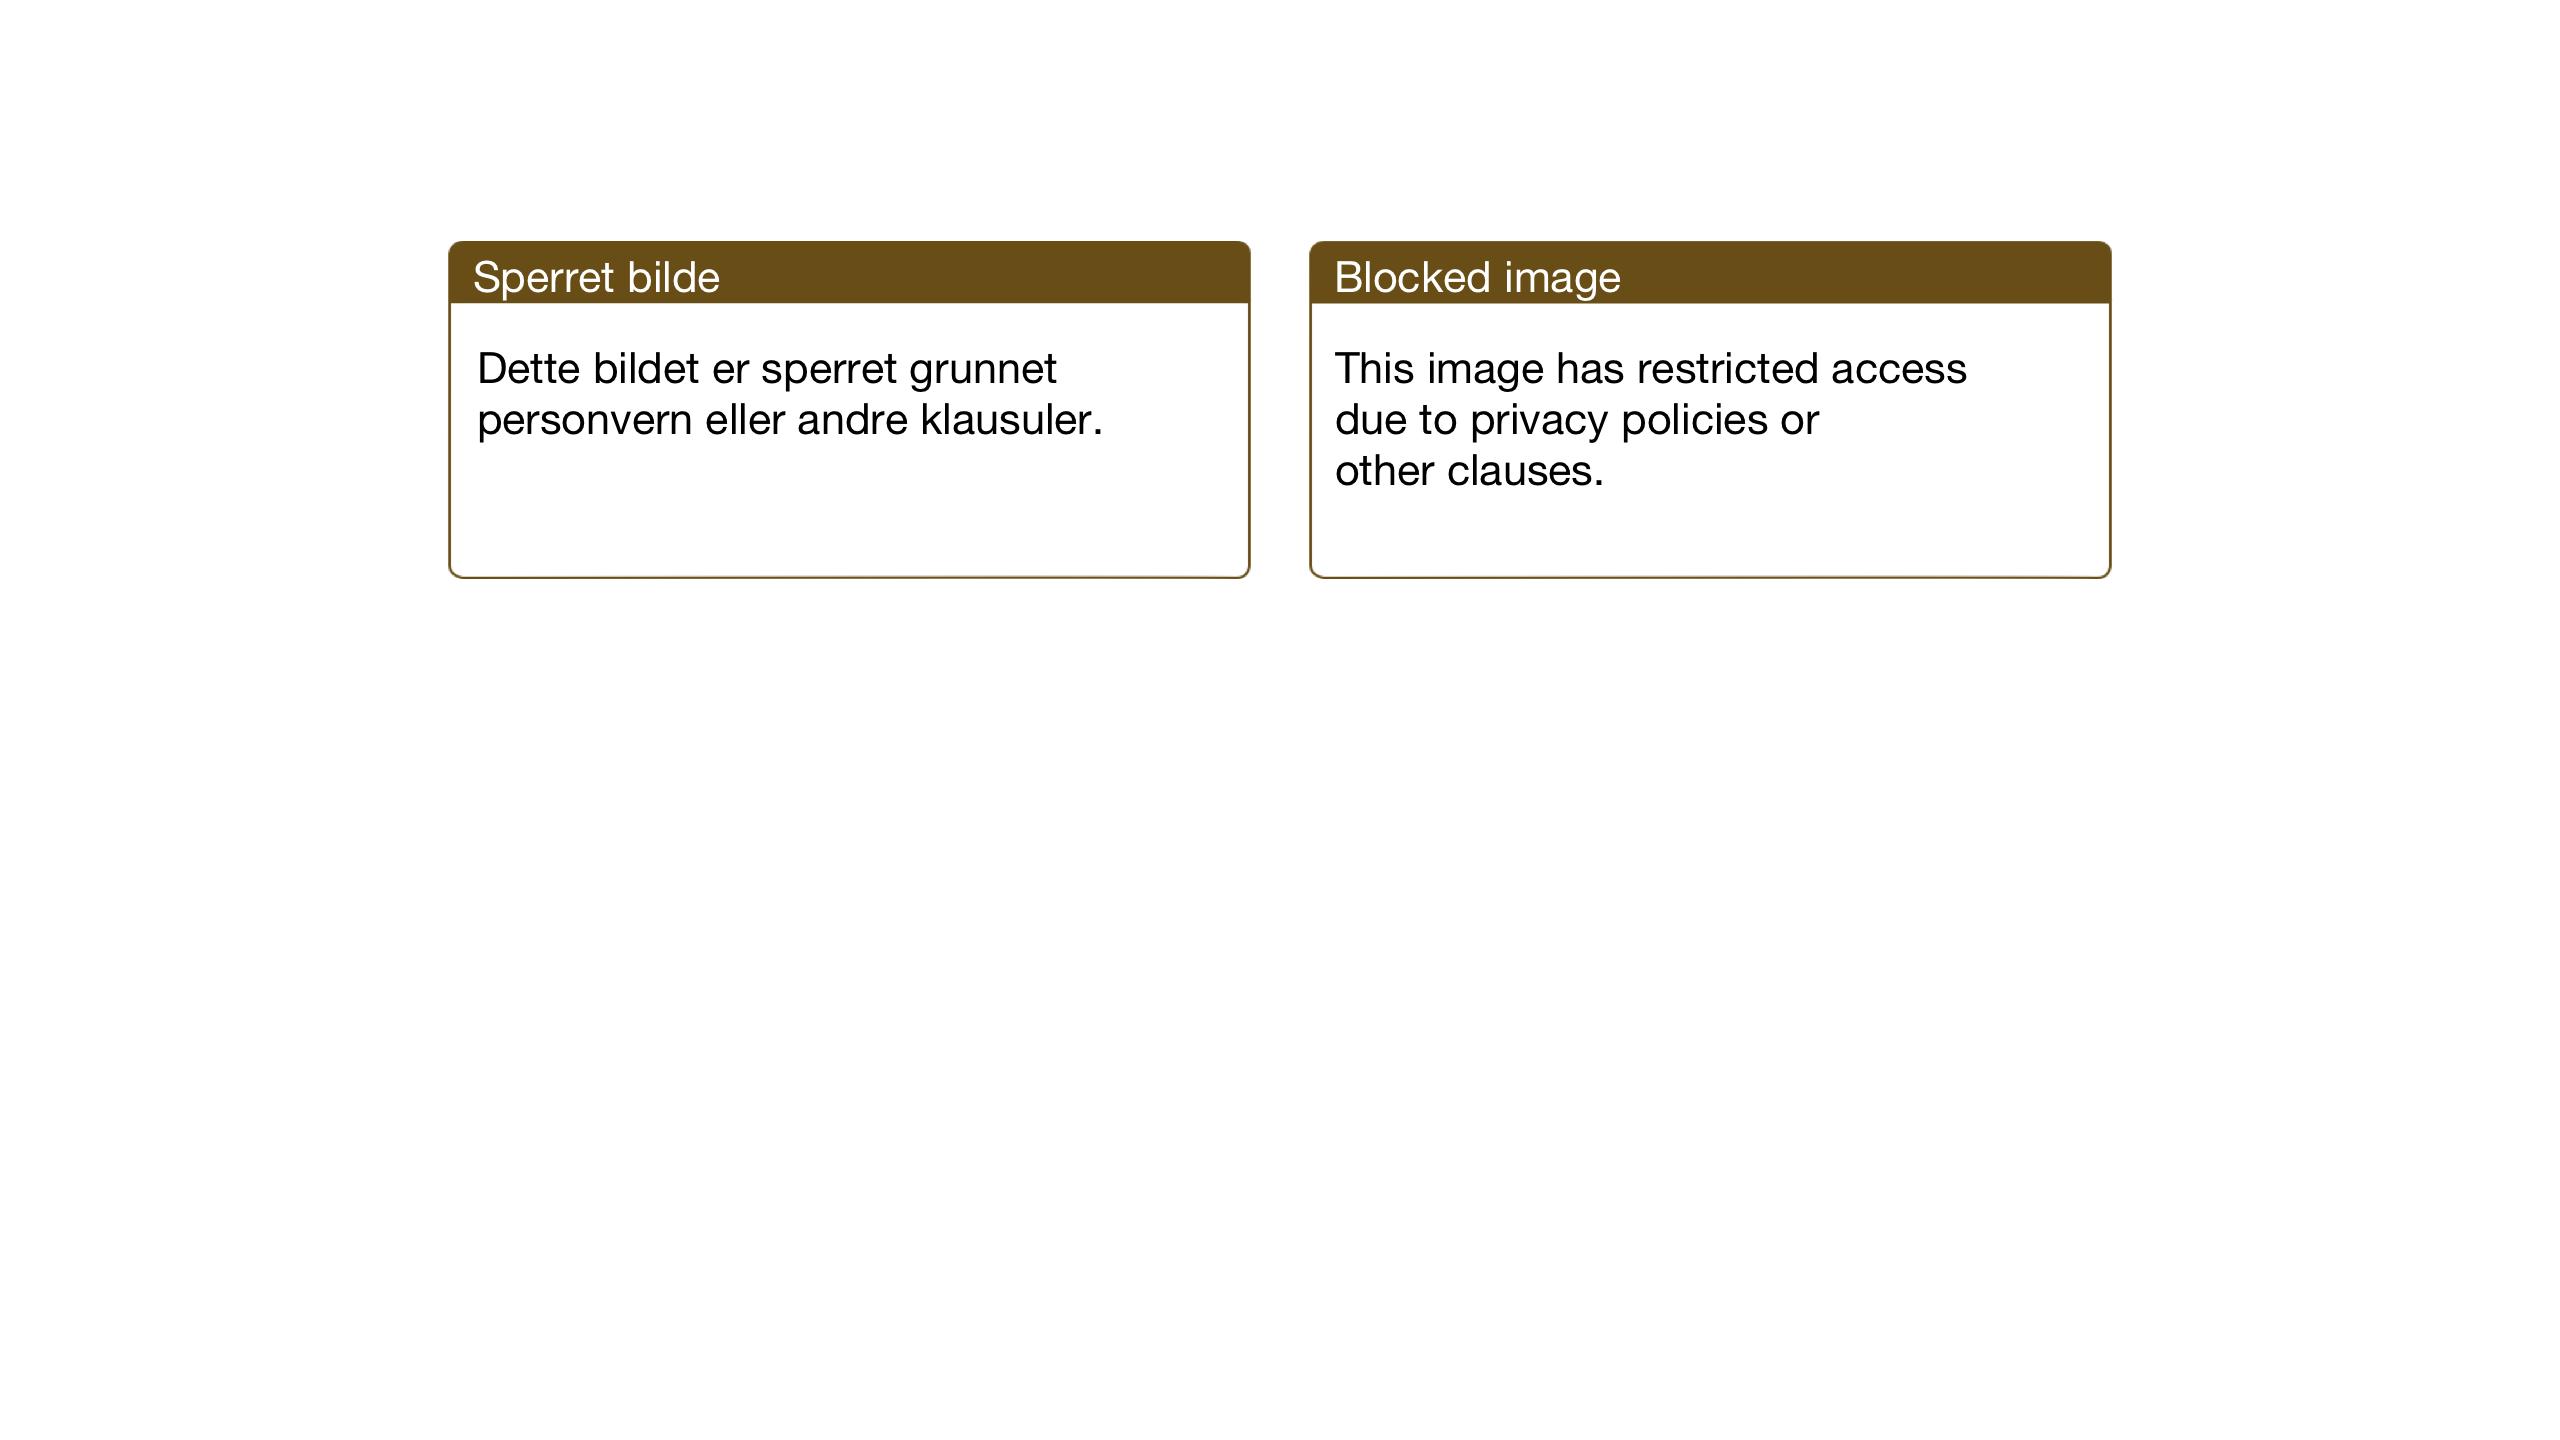 SAT, Ministerialprotokoller, klokkerbøker og fødselsregistre - Sør-Trøndelag, 651/L0648: Klokkerbok nr. 651C02, 1915-1945, s. 74